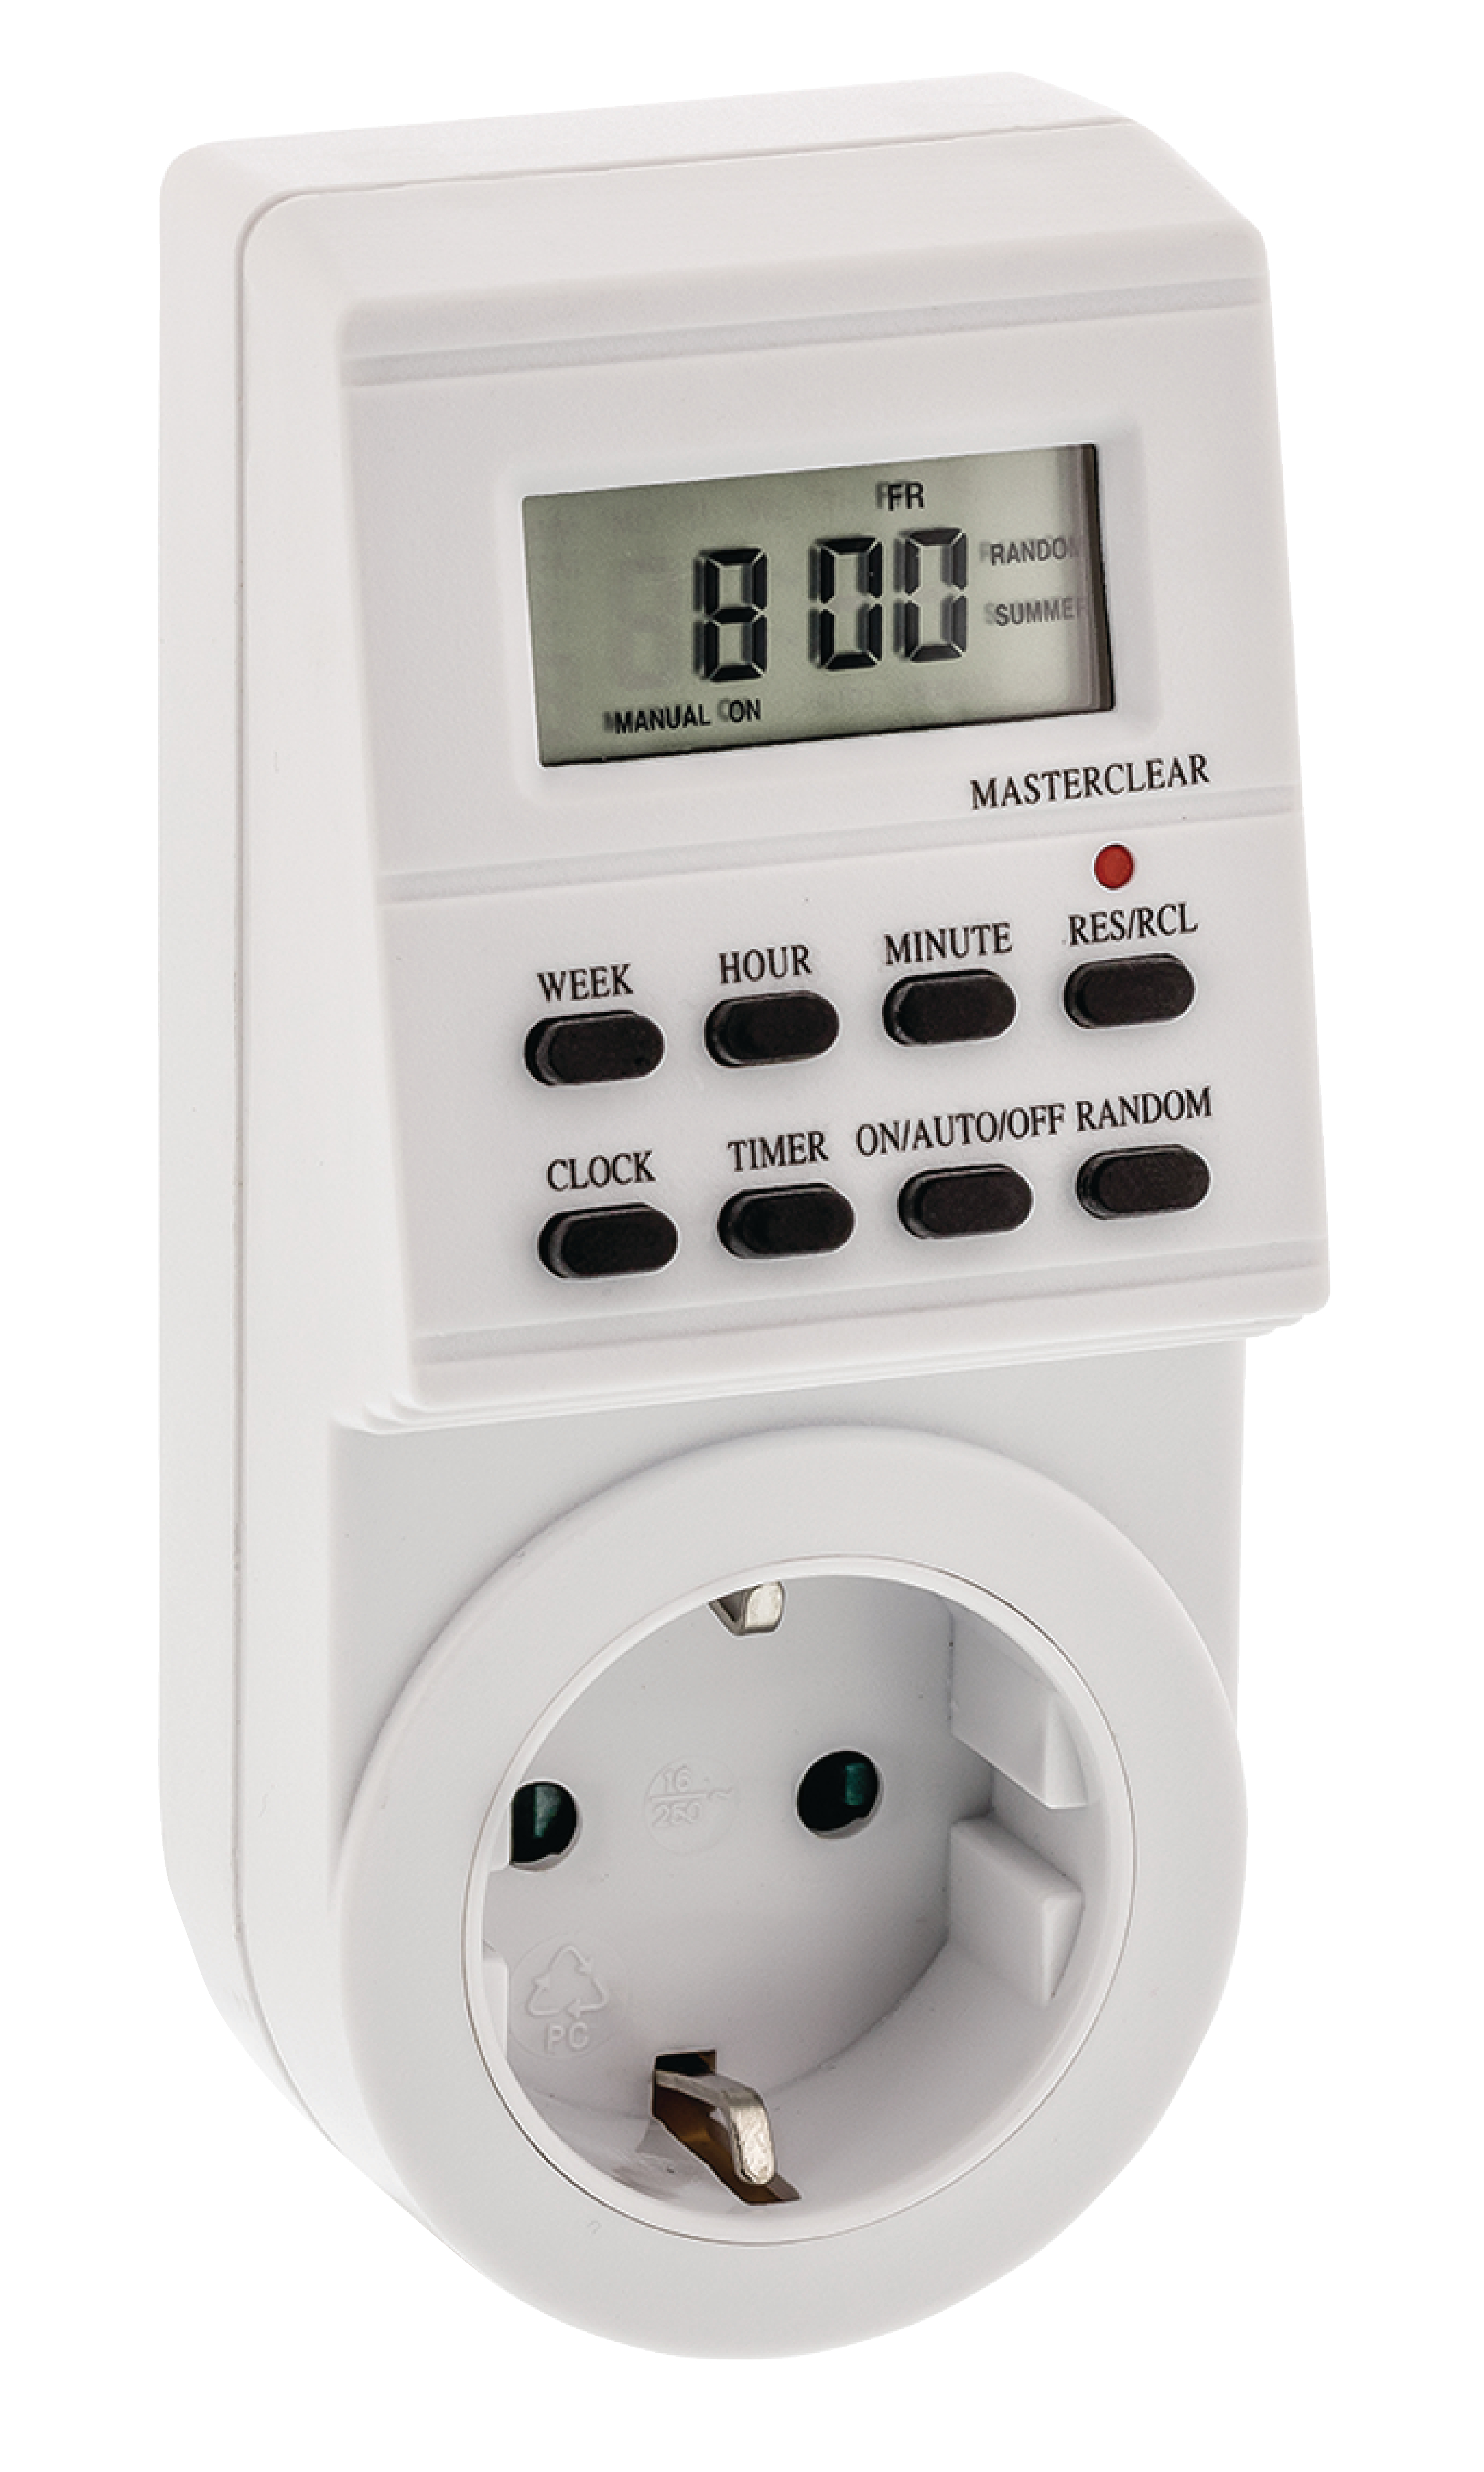 VALUELINE VLTIMER02 Zeitschaltuhr Digtal Innenbereich 1 min. 3600 W